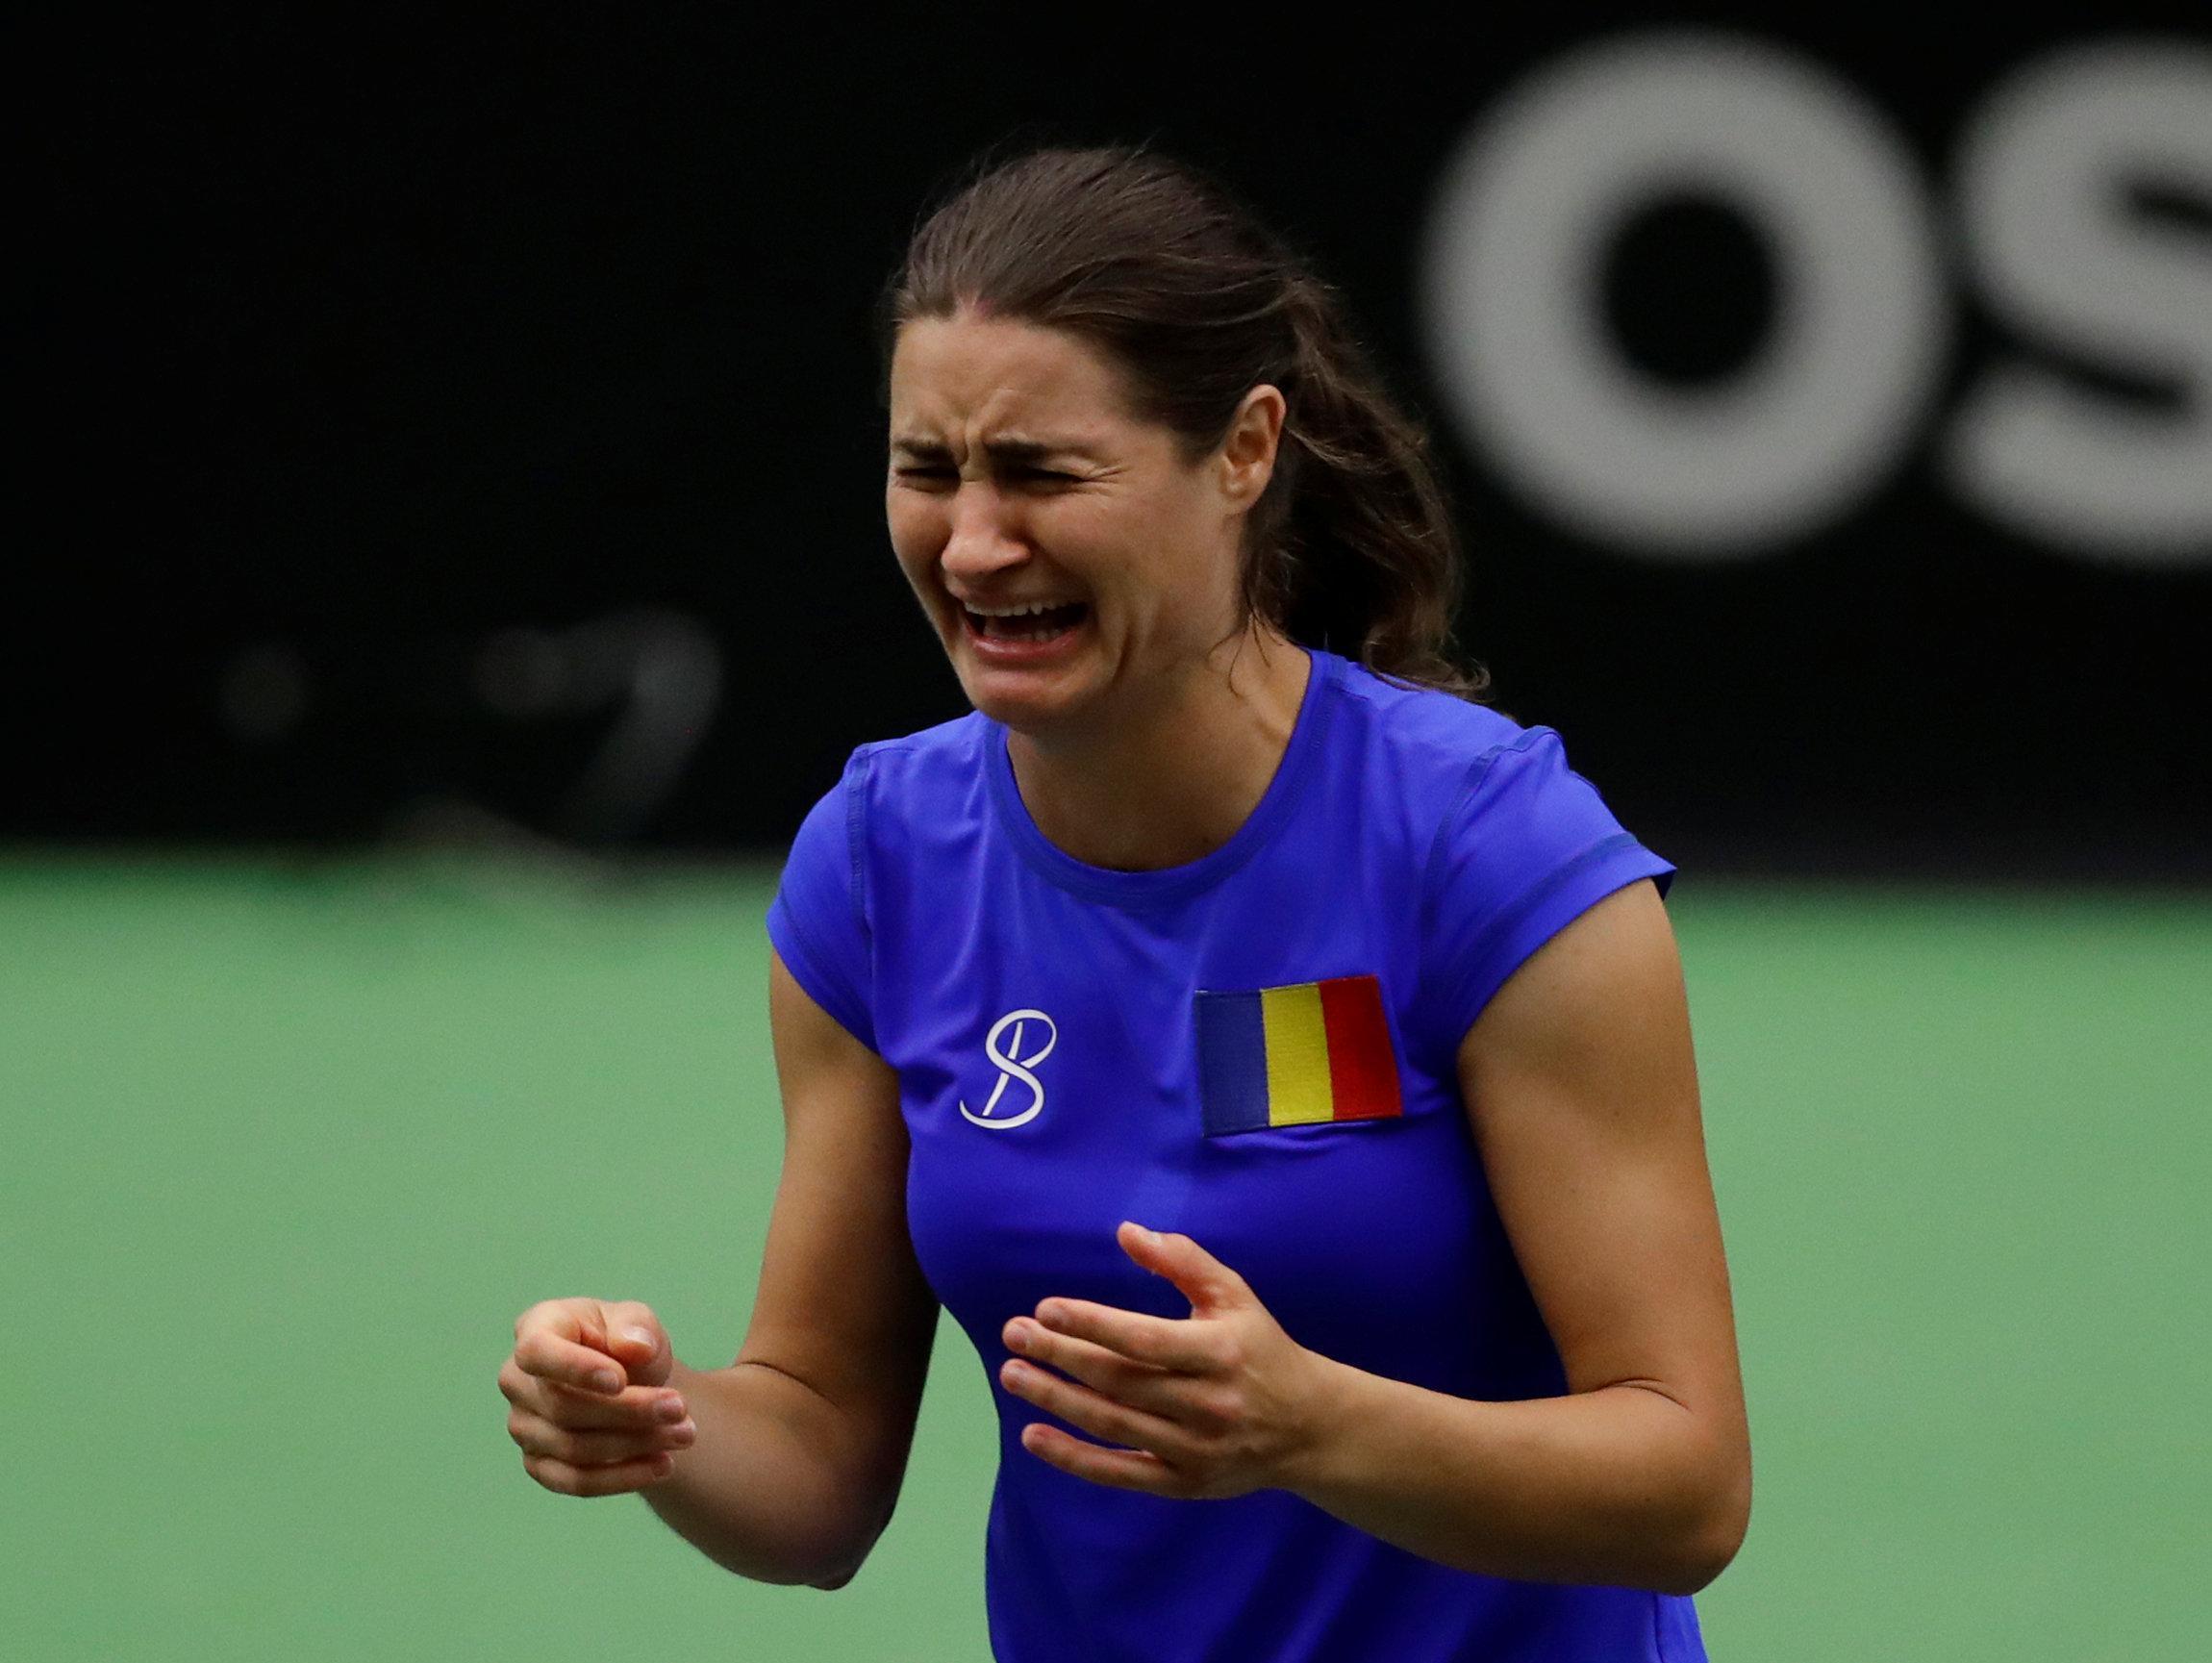 גביע הפדרציה: רומניה עברה את צ'כיה עם 2:3 בתום דרמה גדולה